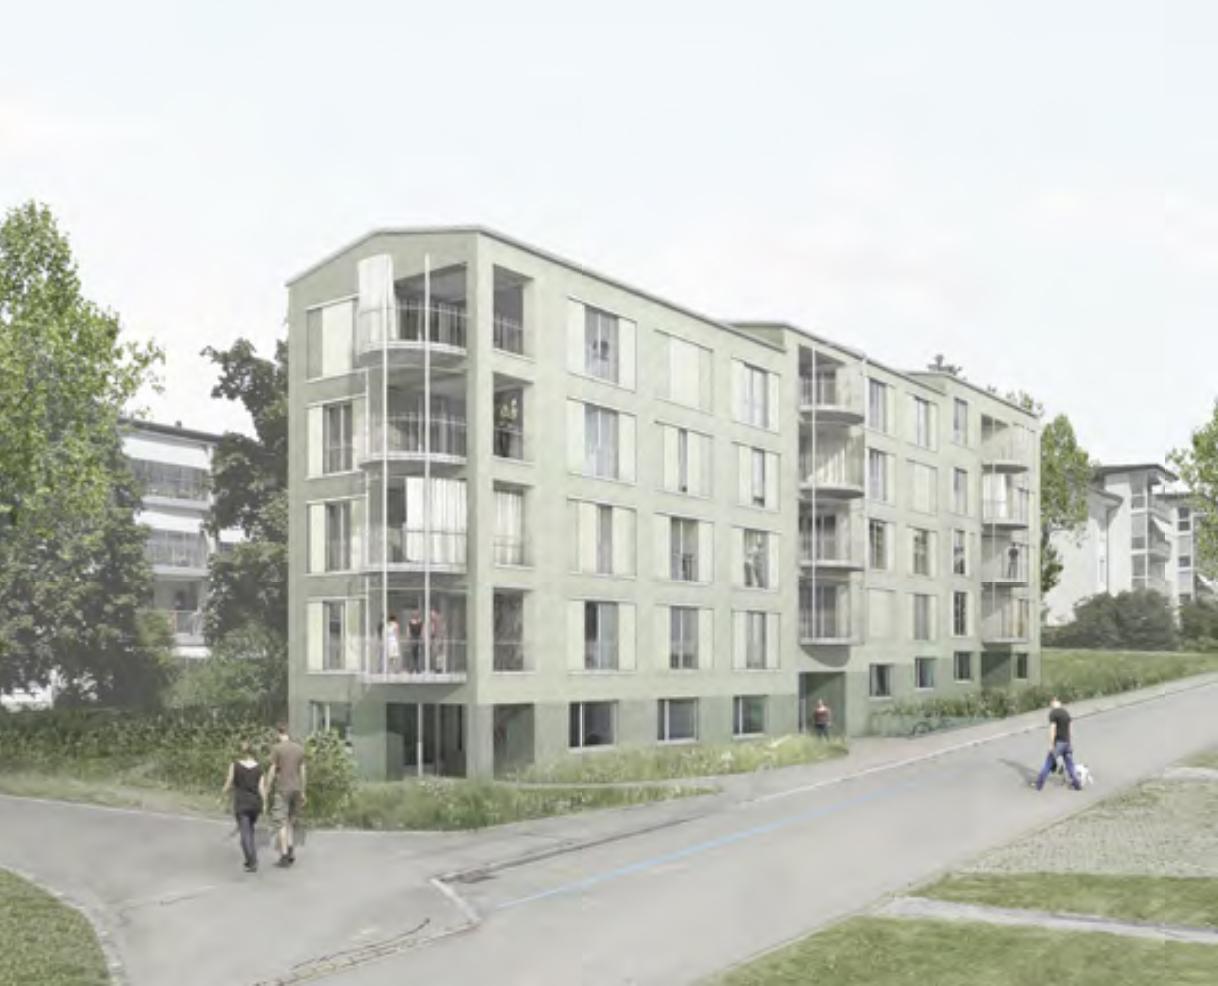 Wohnhaus Reutlen, Kloten, Vetter Schmid Architekten, SCALINATA